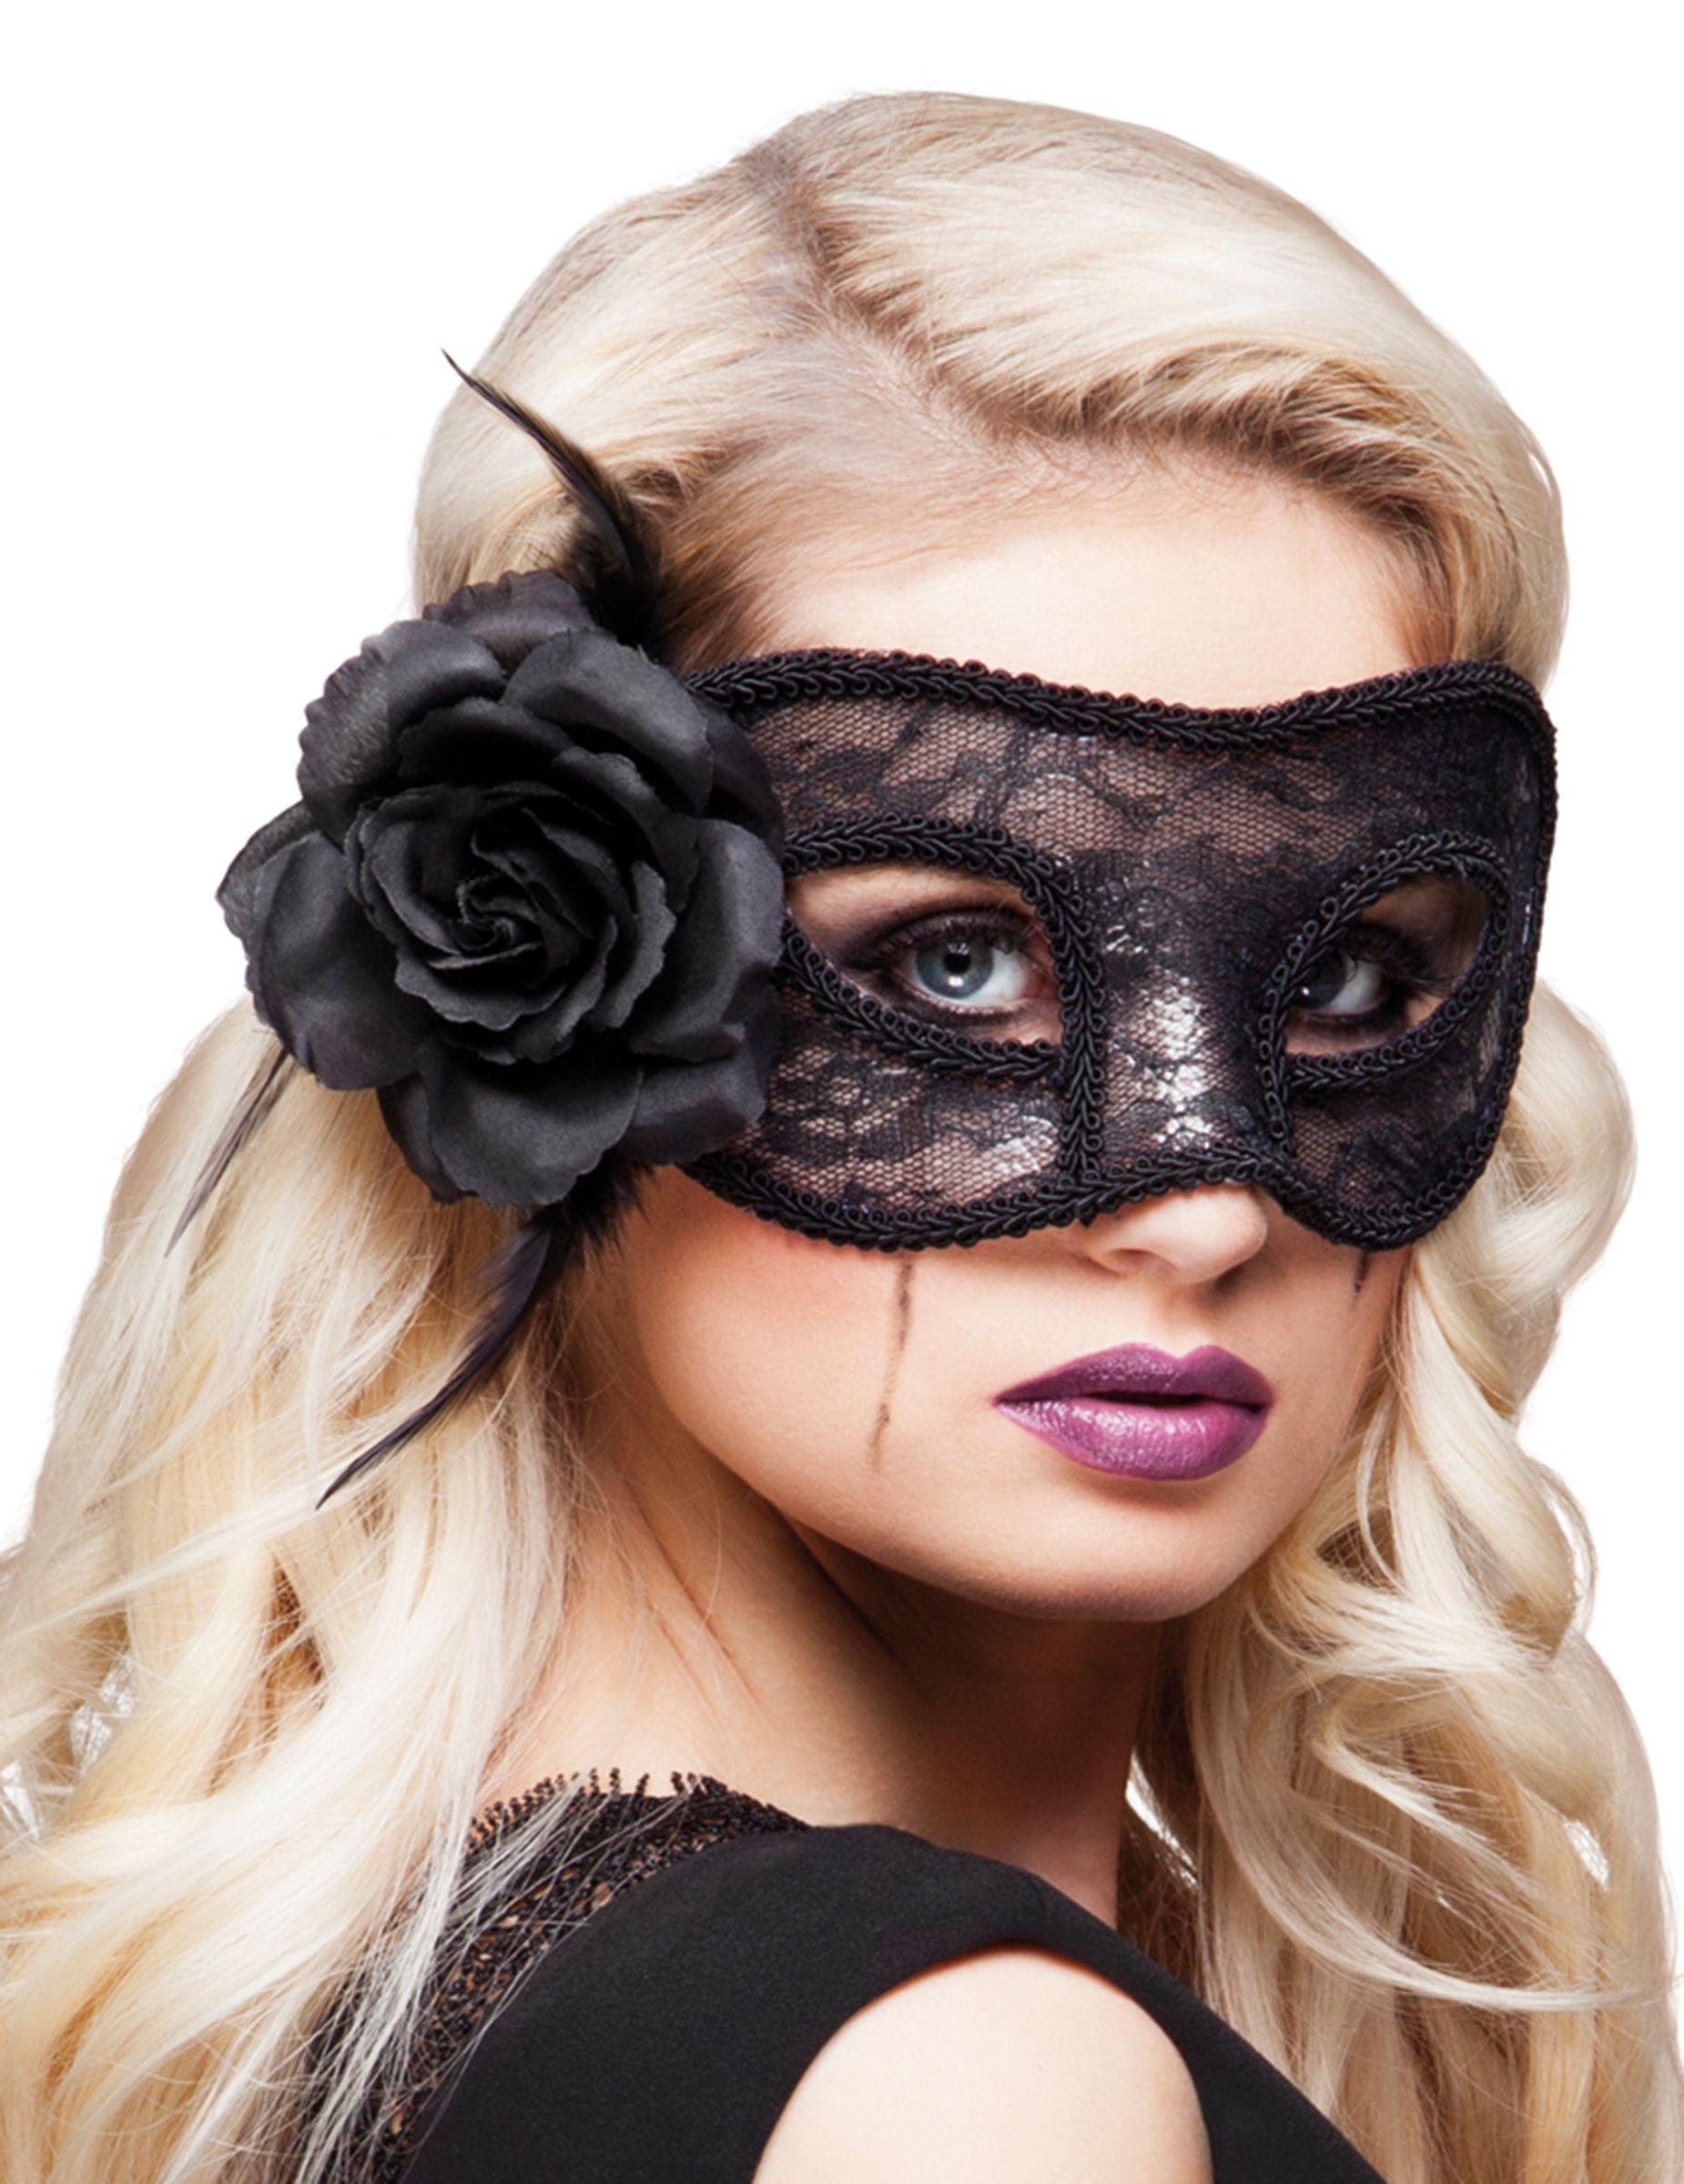 e75b2de2afc788 Dit zwarte kanten masker met roos voor vrouwen zal een perfecte aanvulling  zijn op uw Venetiaanse carnavalskleding! - Nu verkrijgbaar op Vegaoo.nl